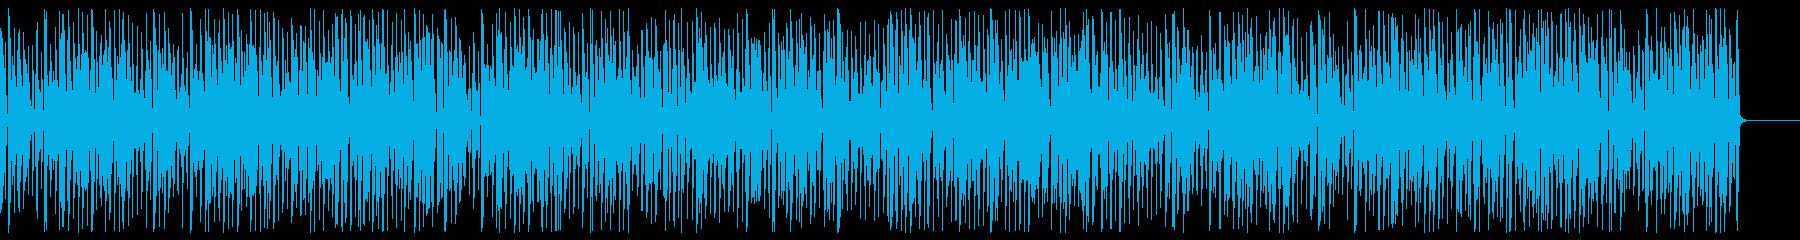 明るくカジュアルお洒落 ジプシージャズの再生済みの波形